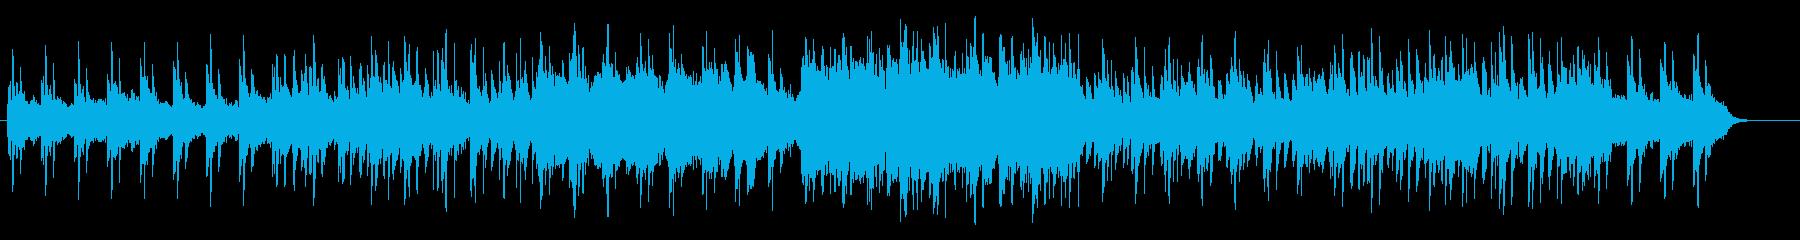 神秘的で宇宙感のあるシンセピアノサウンドの再生済みの波形